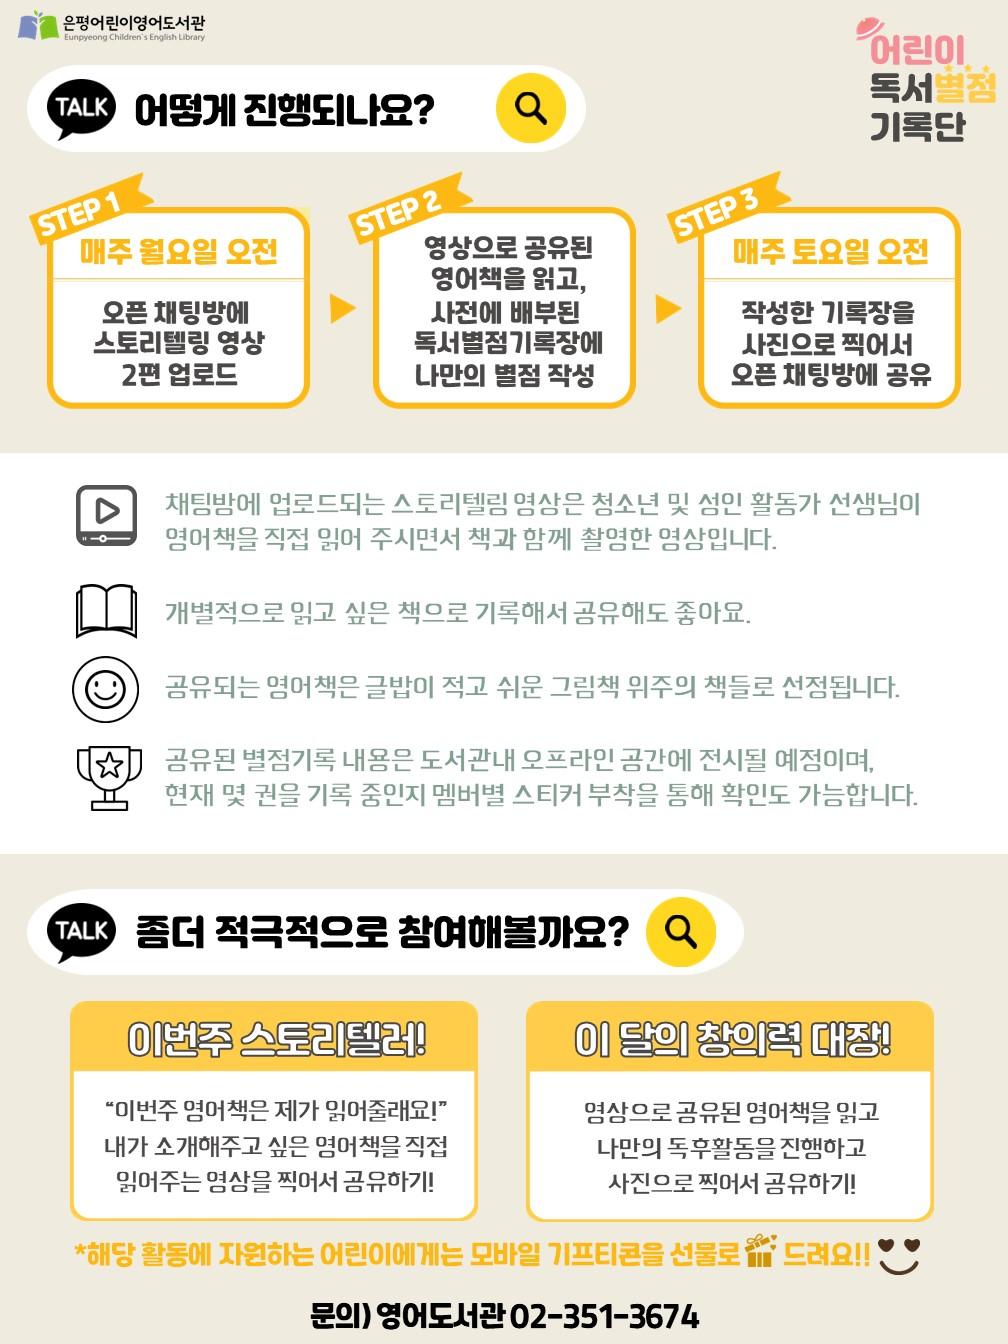 2_독서별점기록단 홍보지.jpg